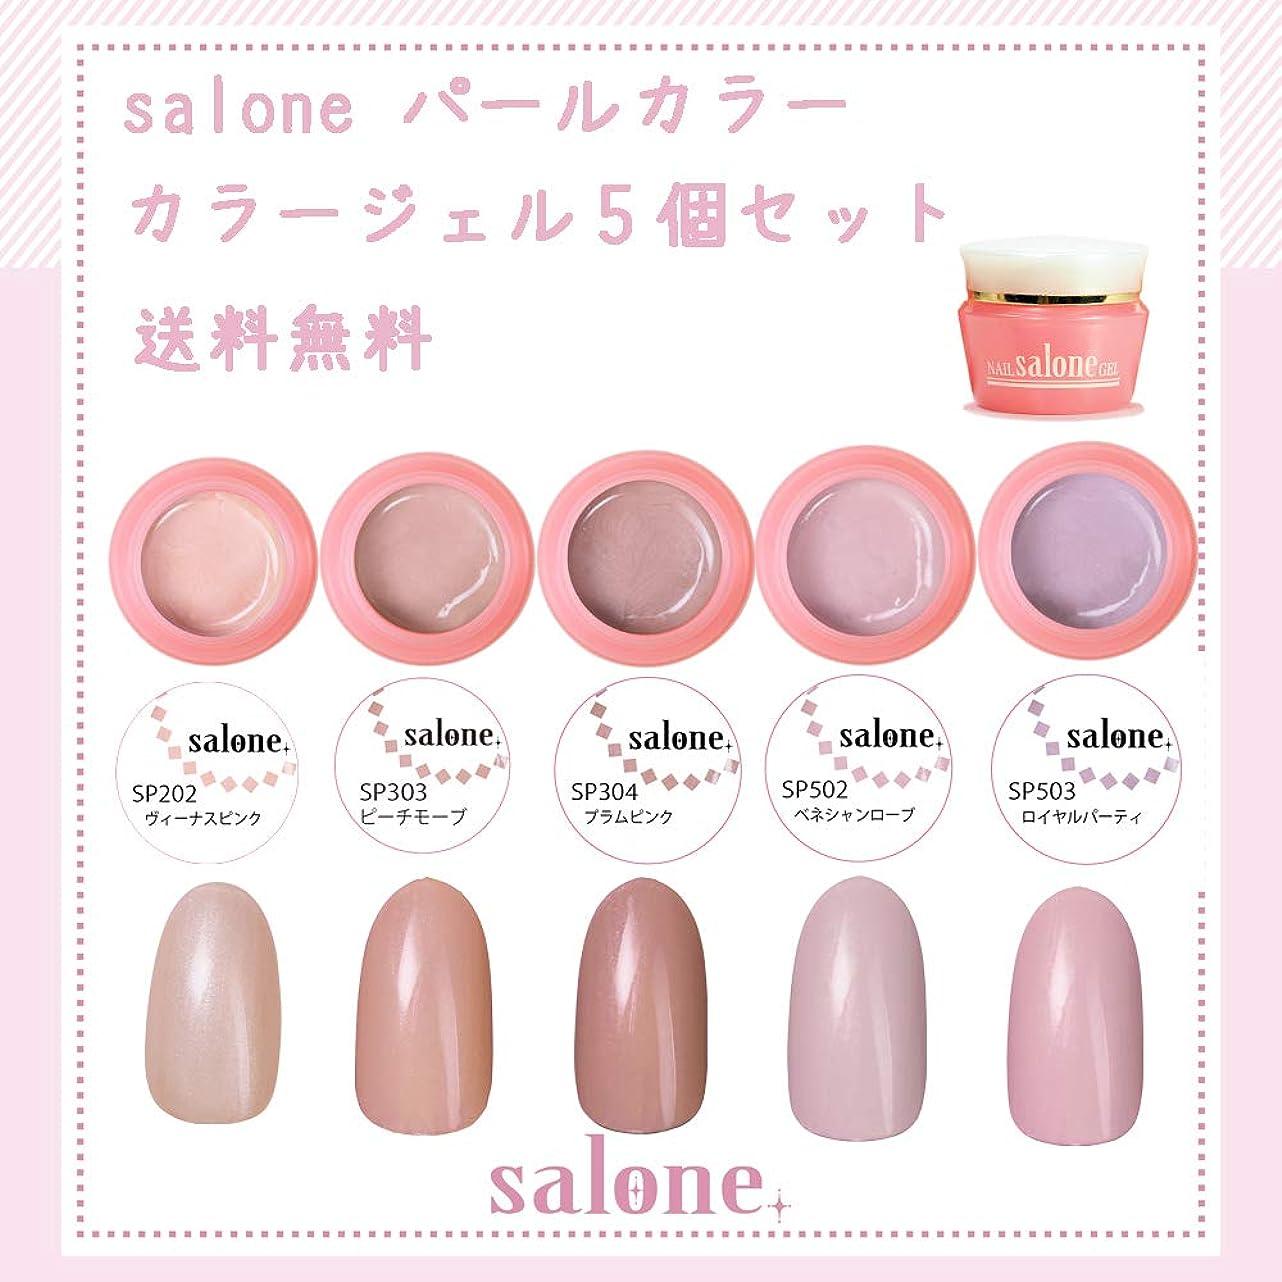 満たす側面指【送料無料 日本製】Salone パールカラー カラージェル5個セット アンニュイなパールカラー